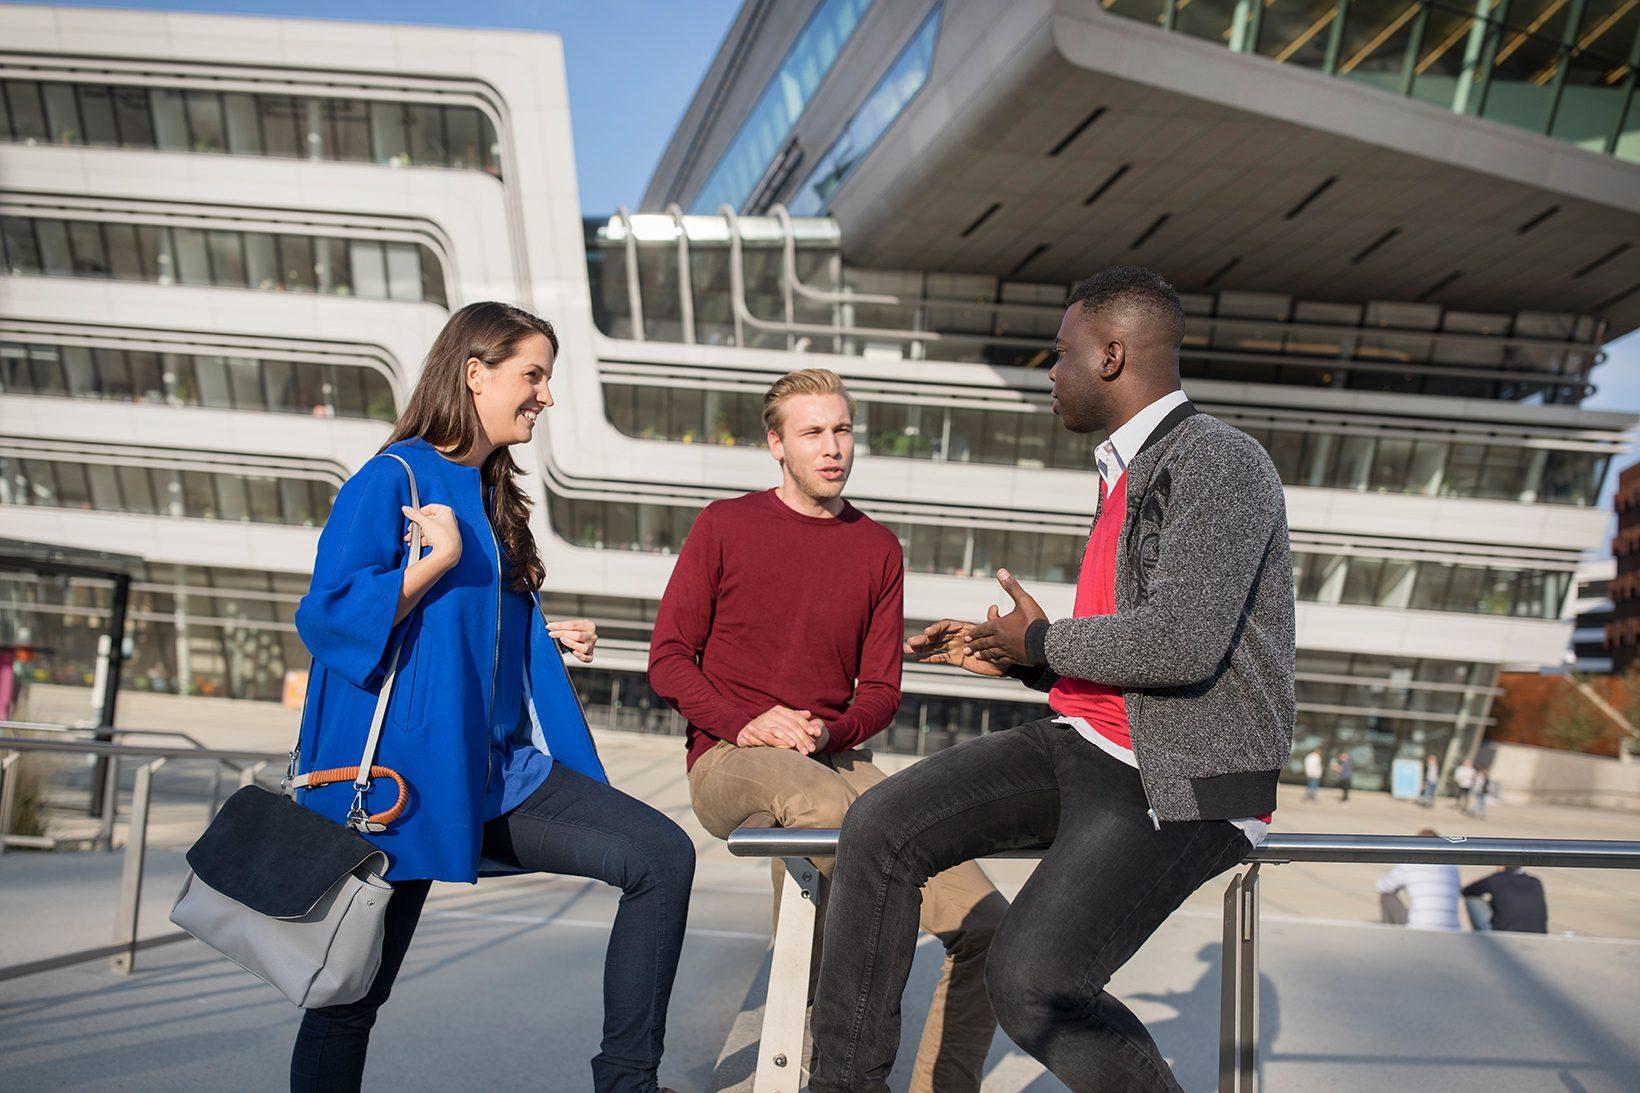 Studierende auf dem Campus (c) Raimo Rudi Rumpler